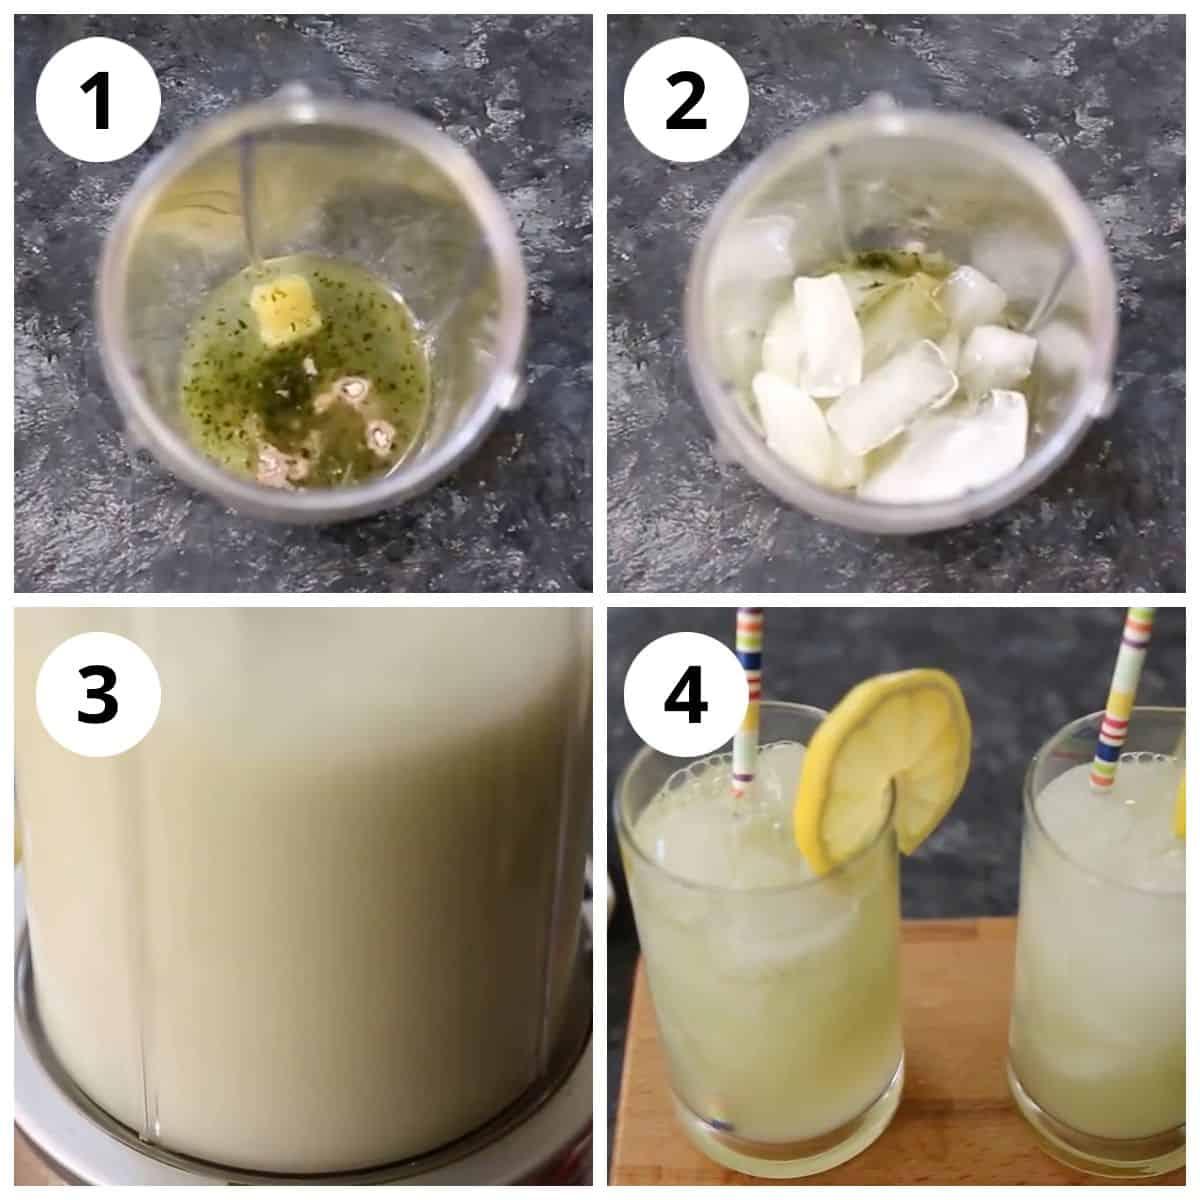 Steps for adding and blending Basil ginger lemonade